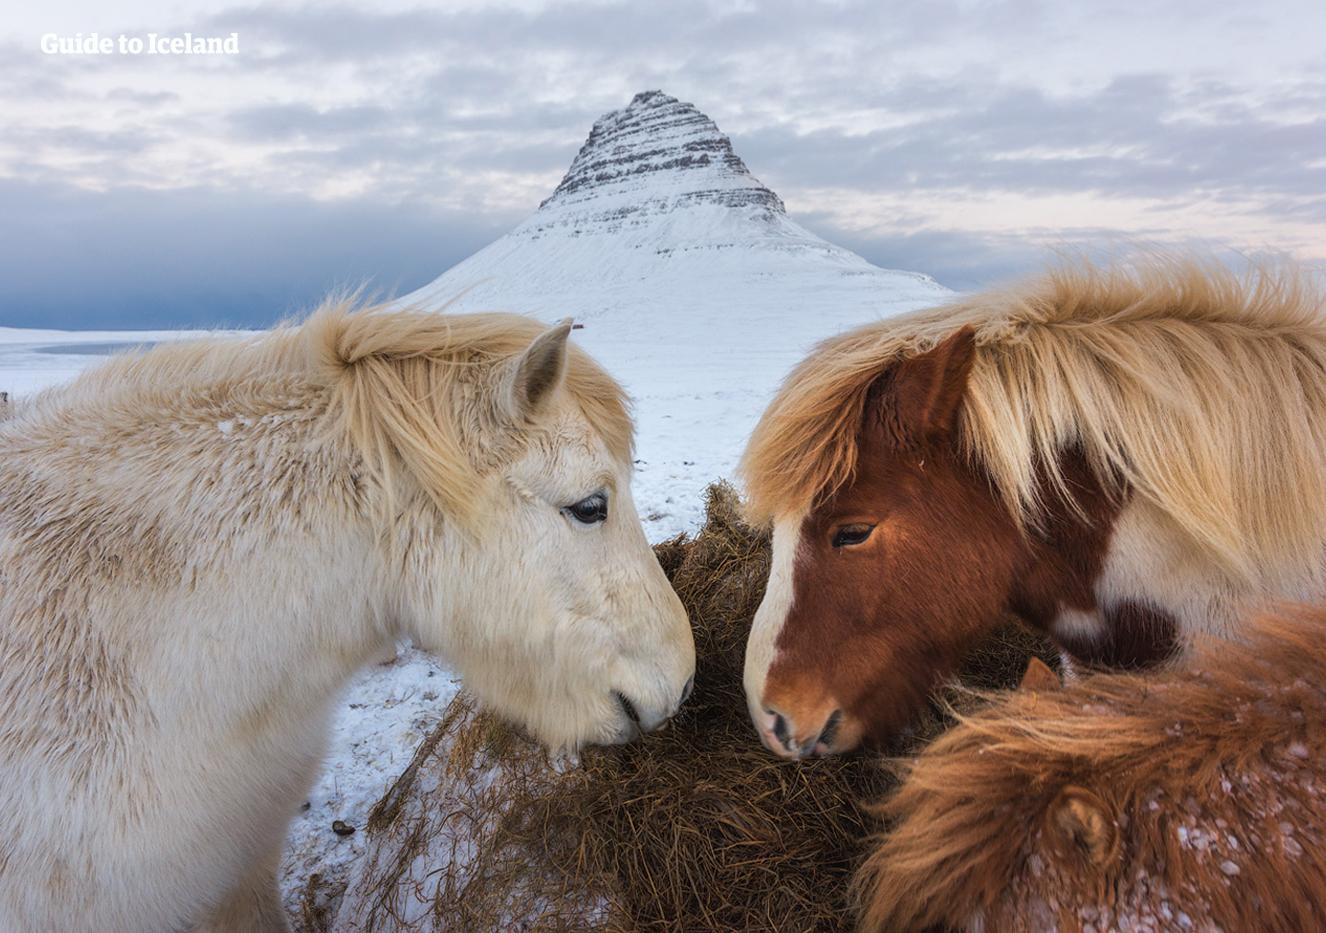 一路有很多机会遇到温顺可爱的冰岛马,它们很喜欢拍照